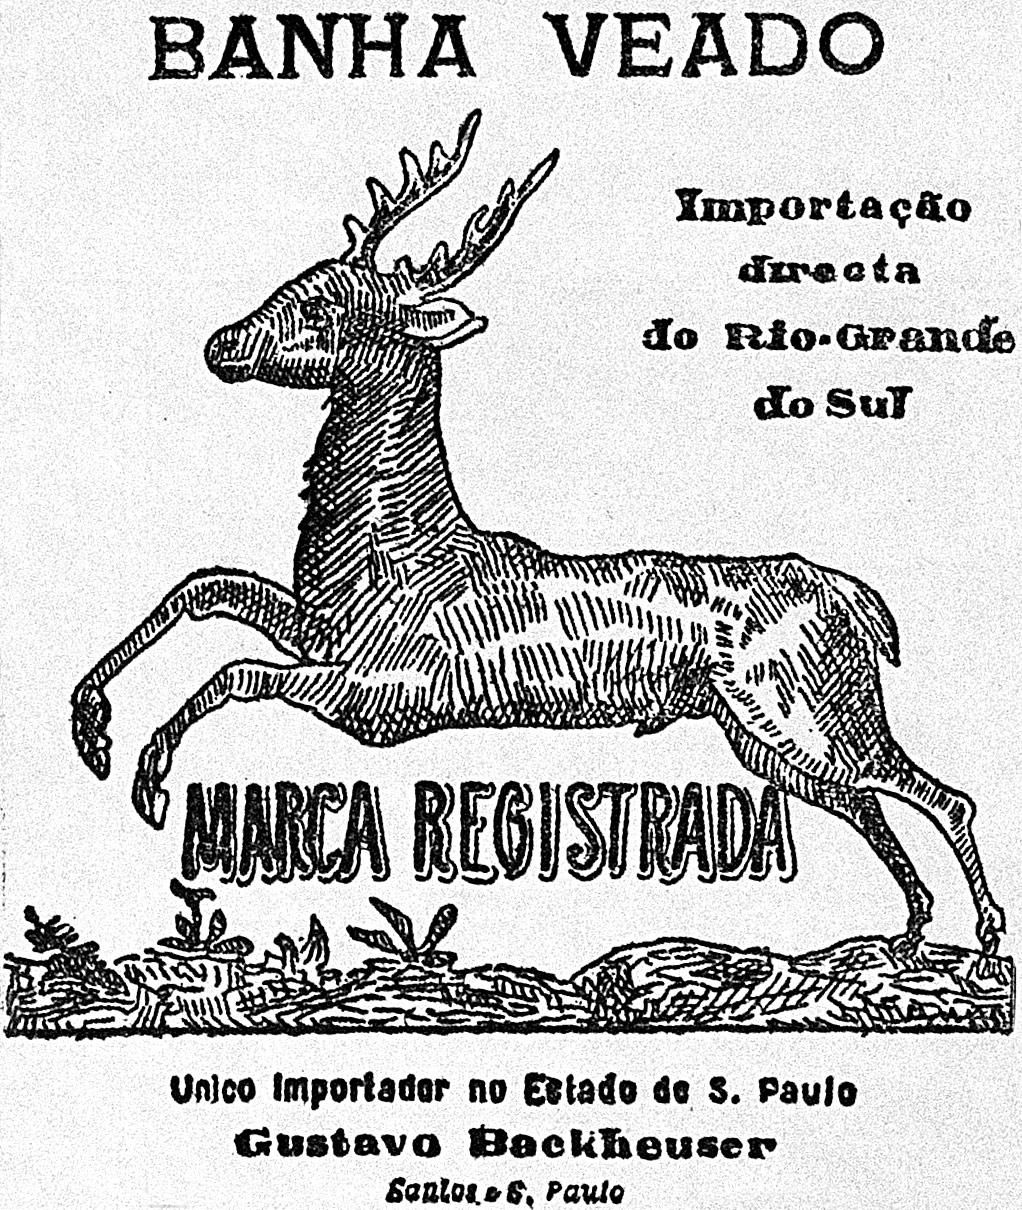 Propaganda do século XIX que apresentava a Banha Veado produzida no Rio Grande do Sul